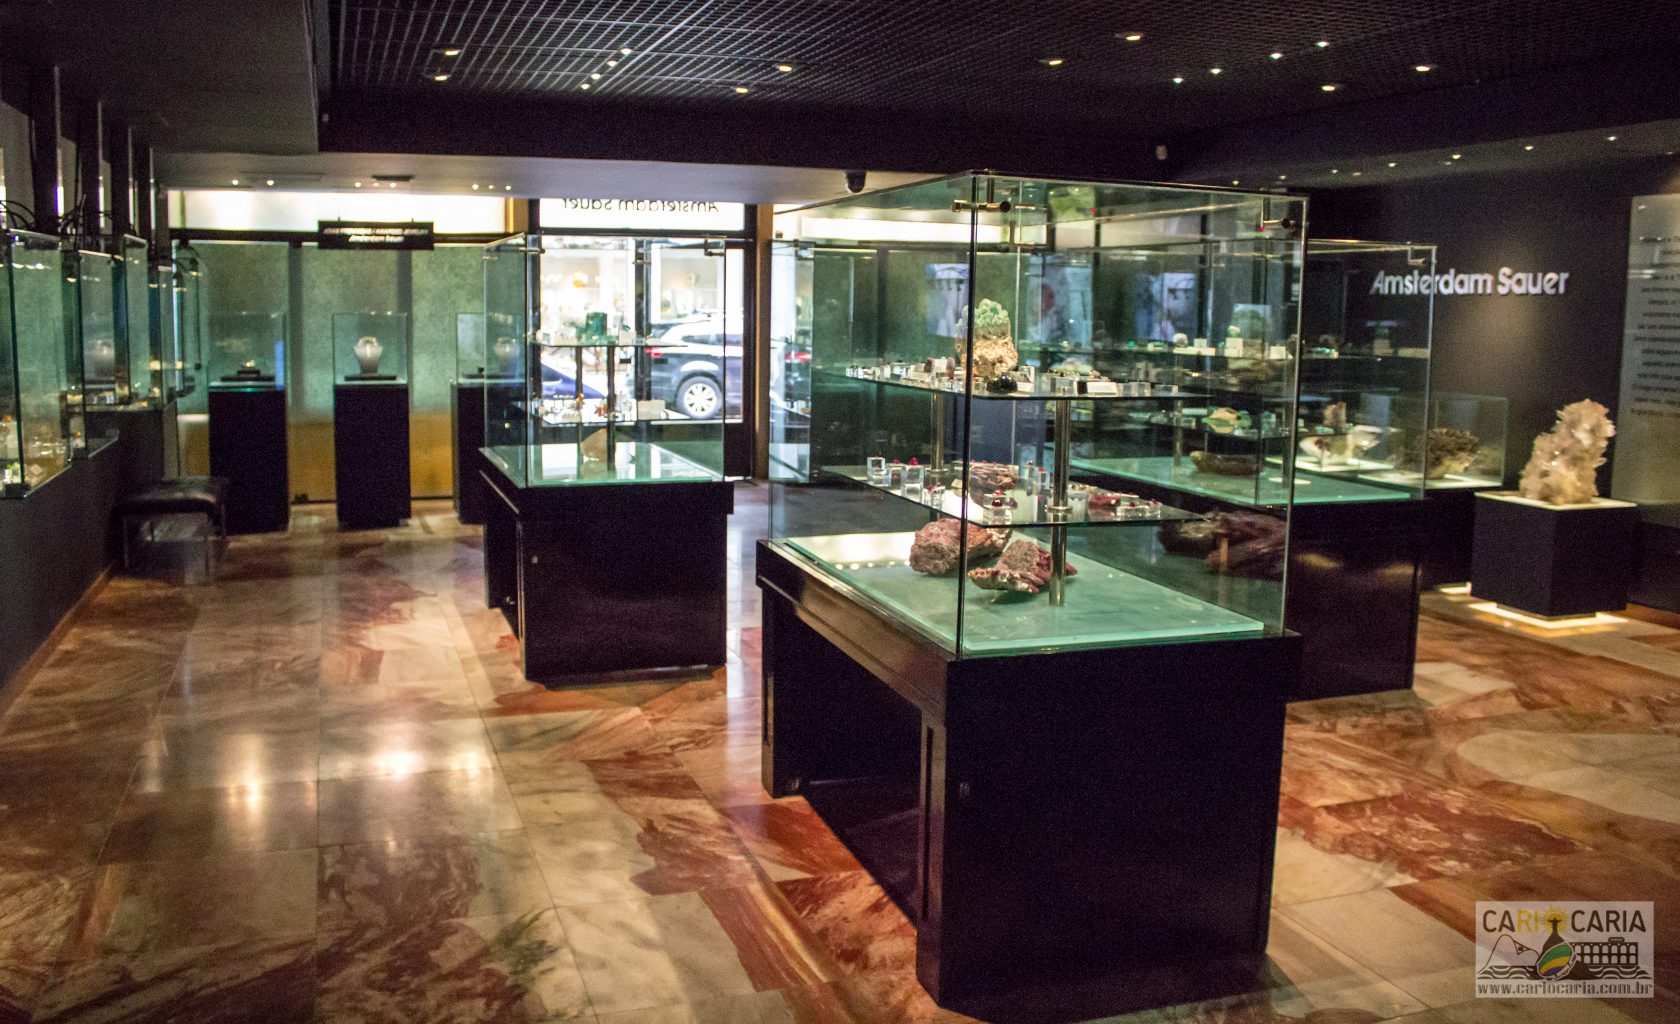 15a74521866 Museu Amsterdam Sauer de pedras preciosas    Cariocaria